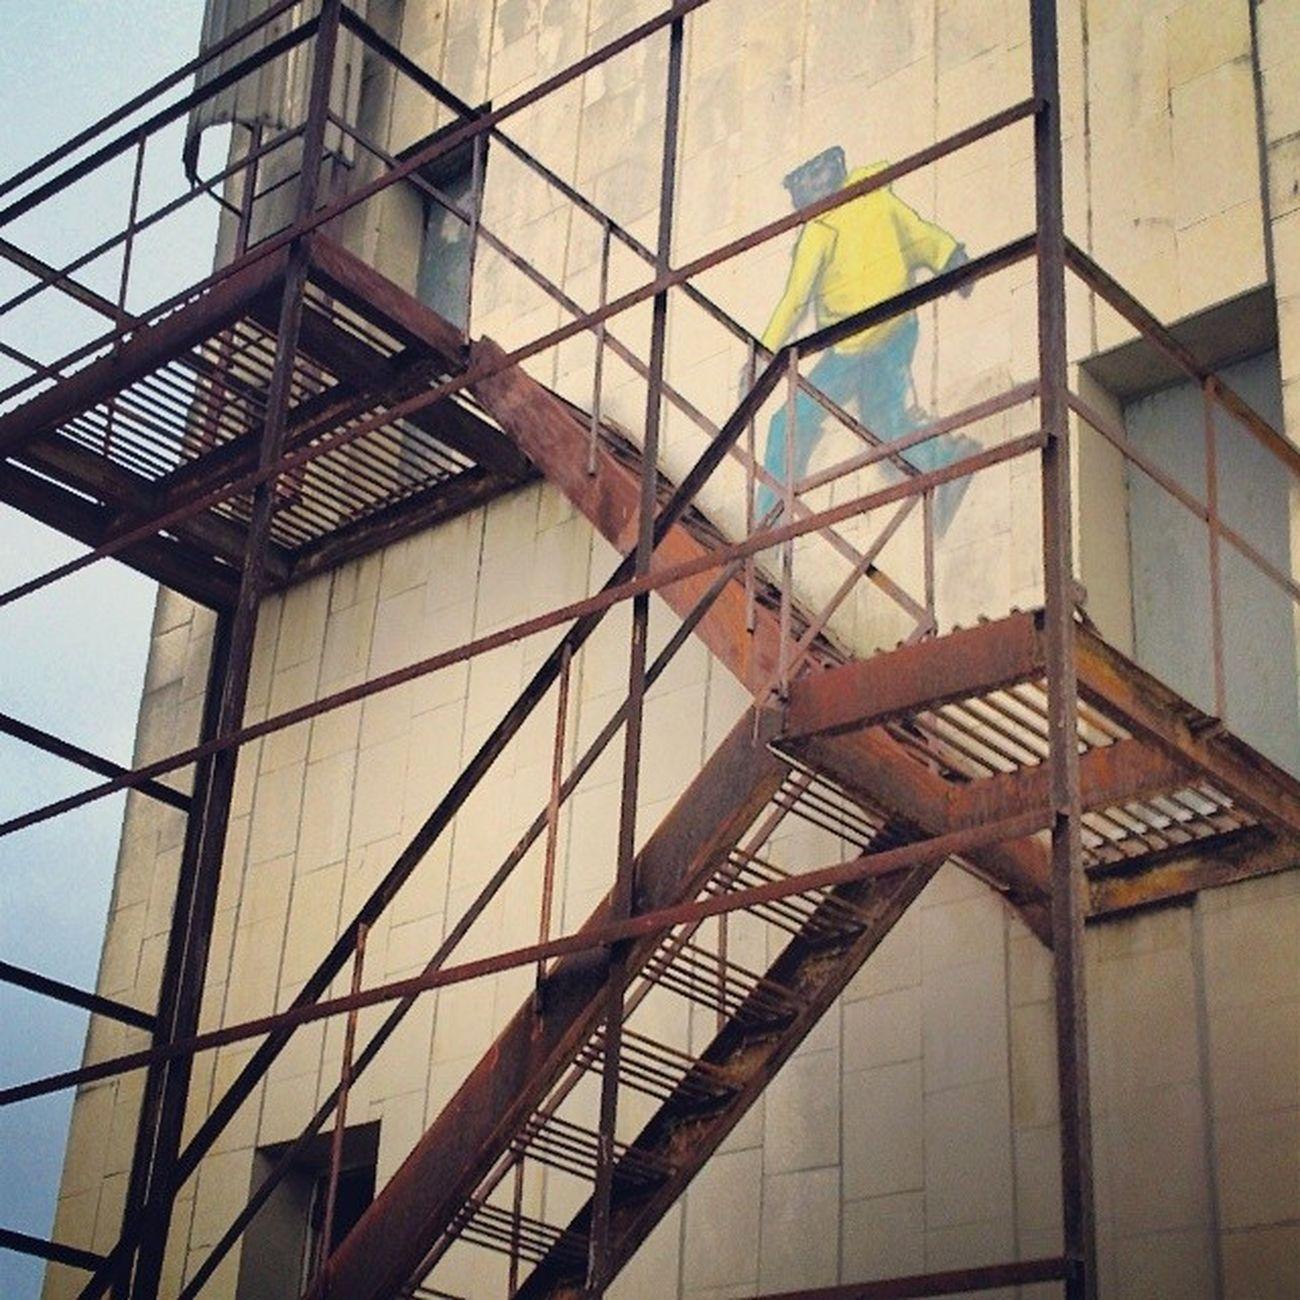 Кажется, пора сваливать отсюда припять дк_энергетик чернобыль Chernobyl pripyat